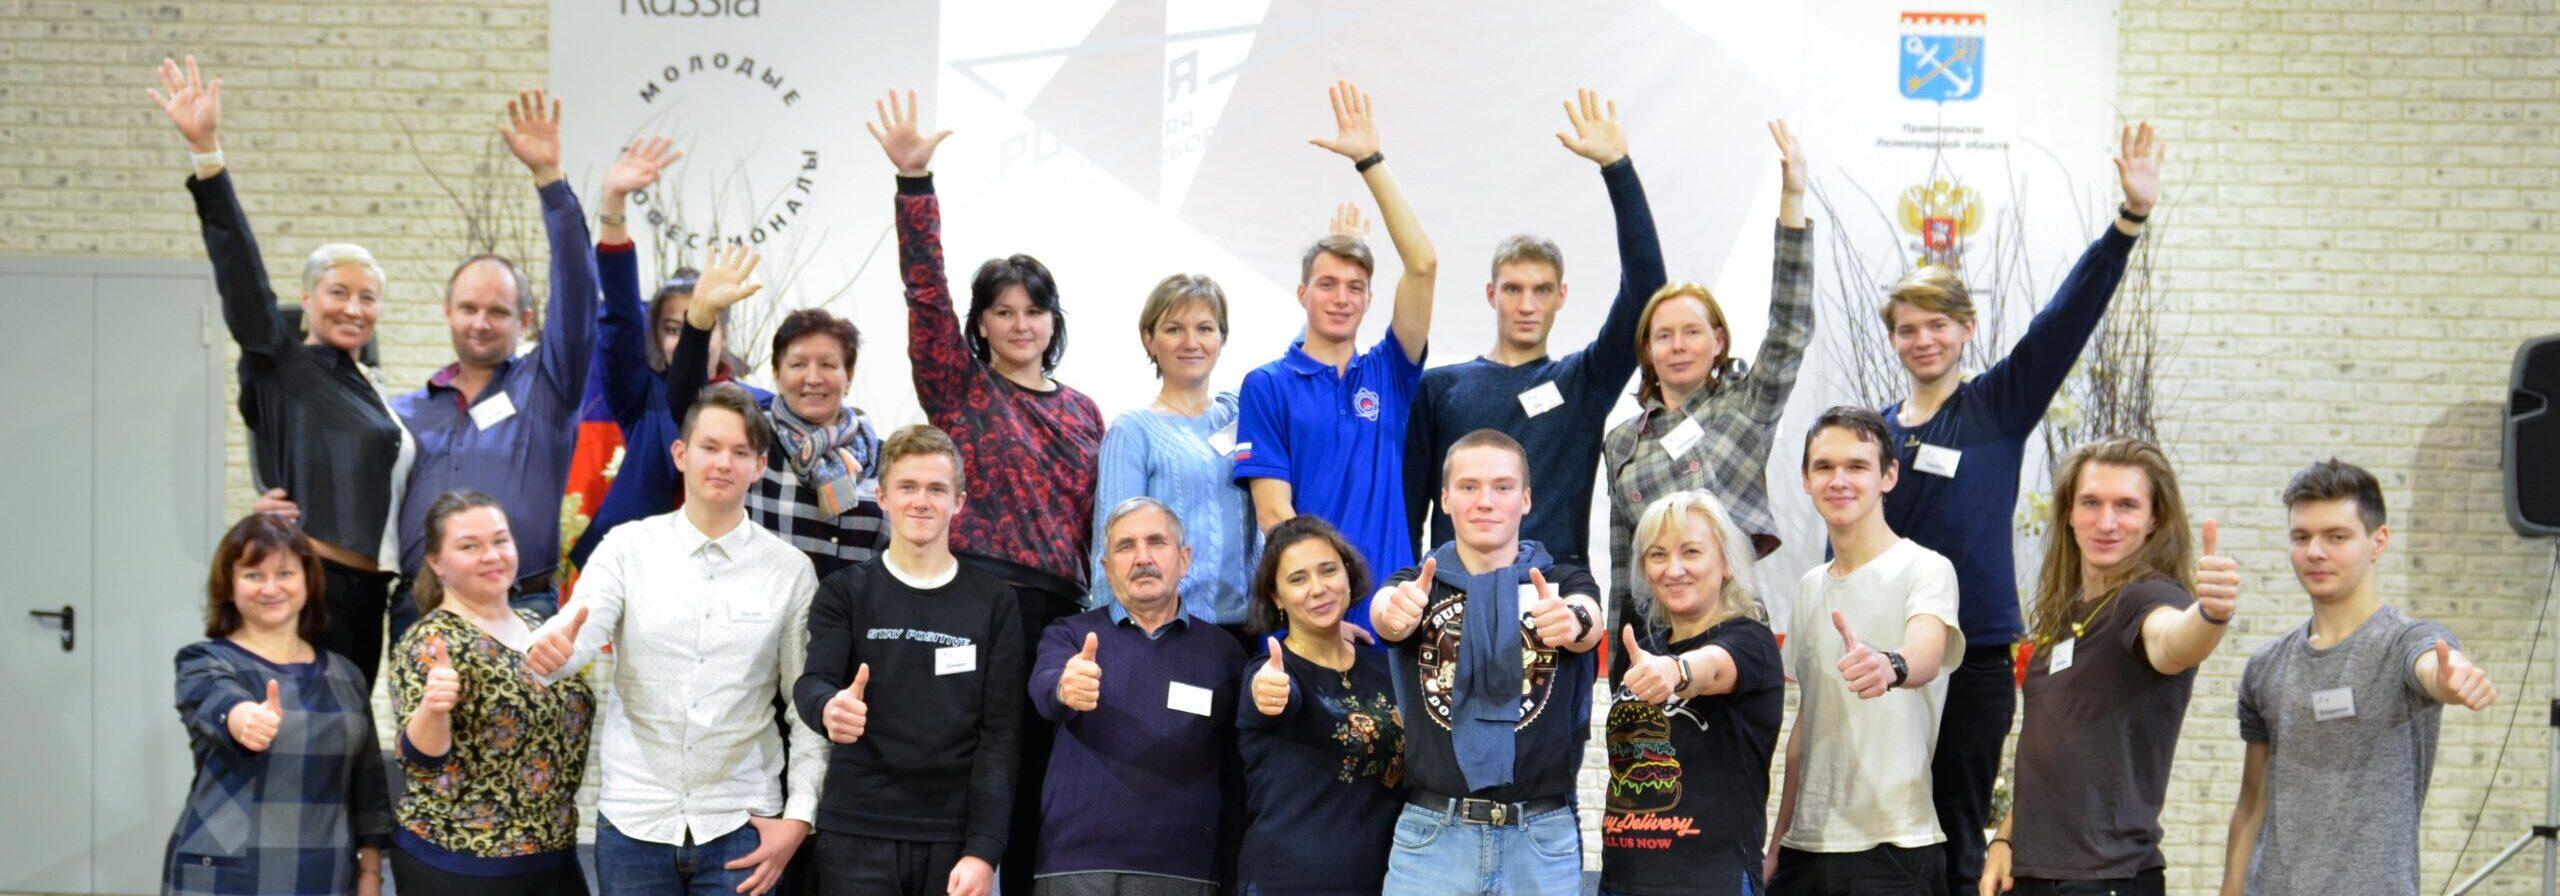 Тренинг в Кировске: подготовка к Региональному чемпионату WorldSkills Russia Ленинградской области — 2020